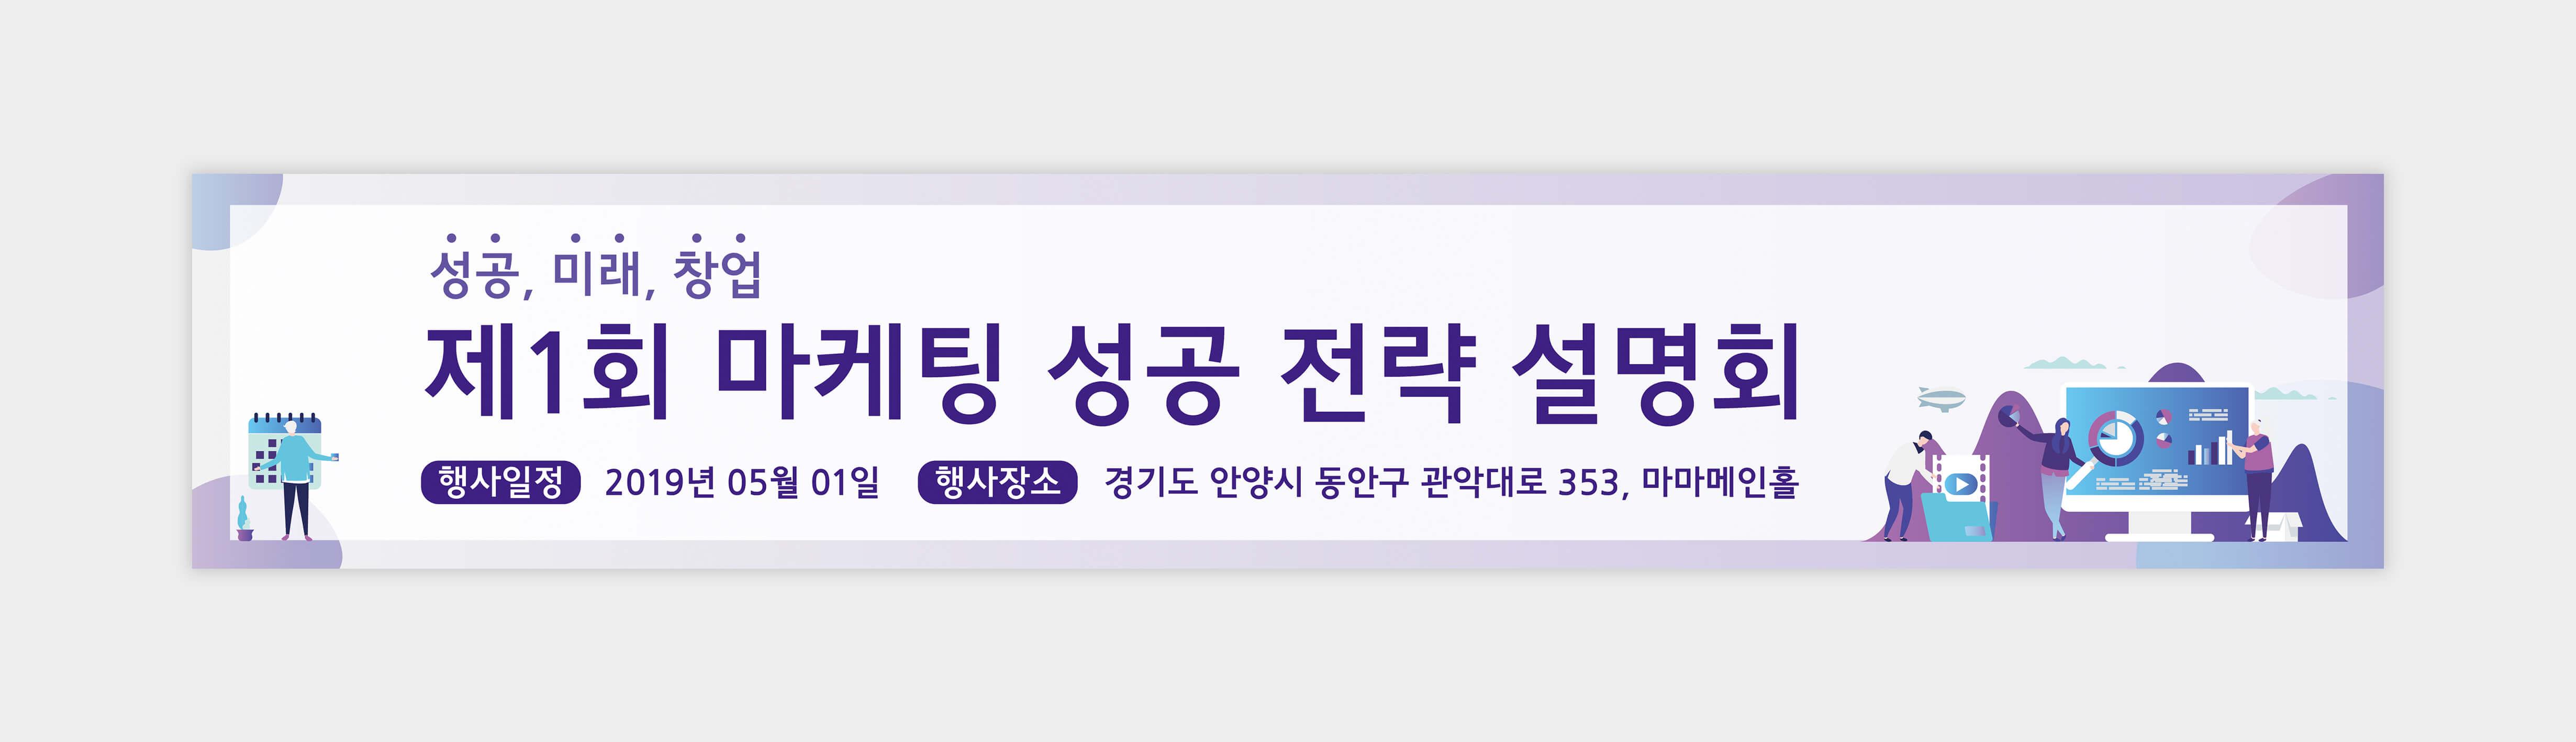 현수막_030